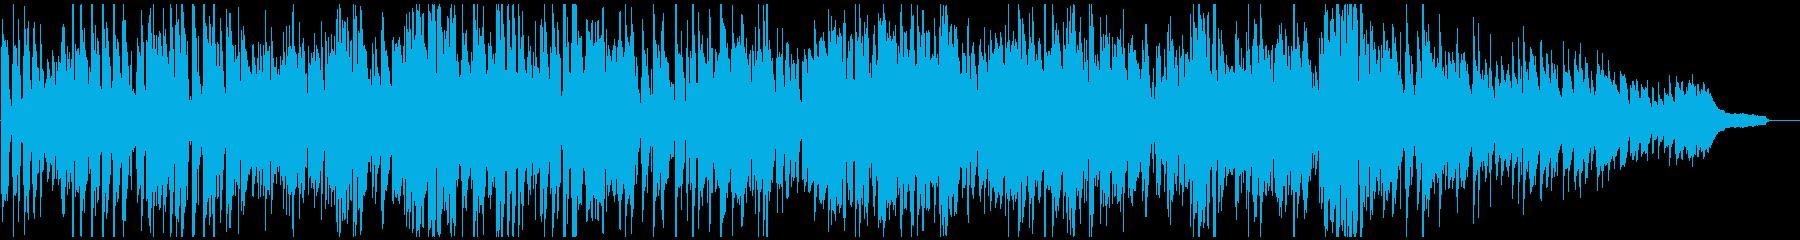 渋い悪役系の短調のハードボイルド・ジャズの再生済みの波形